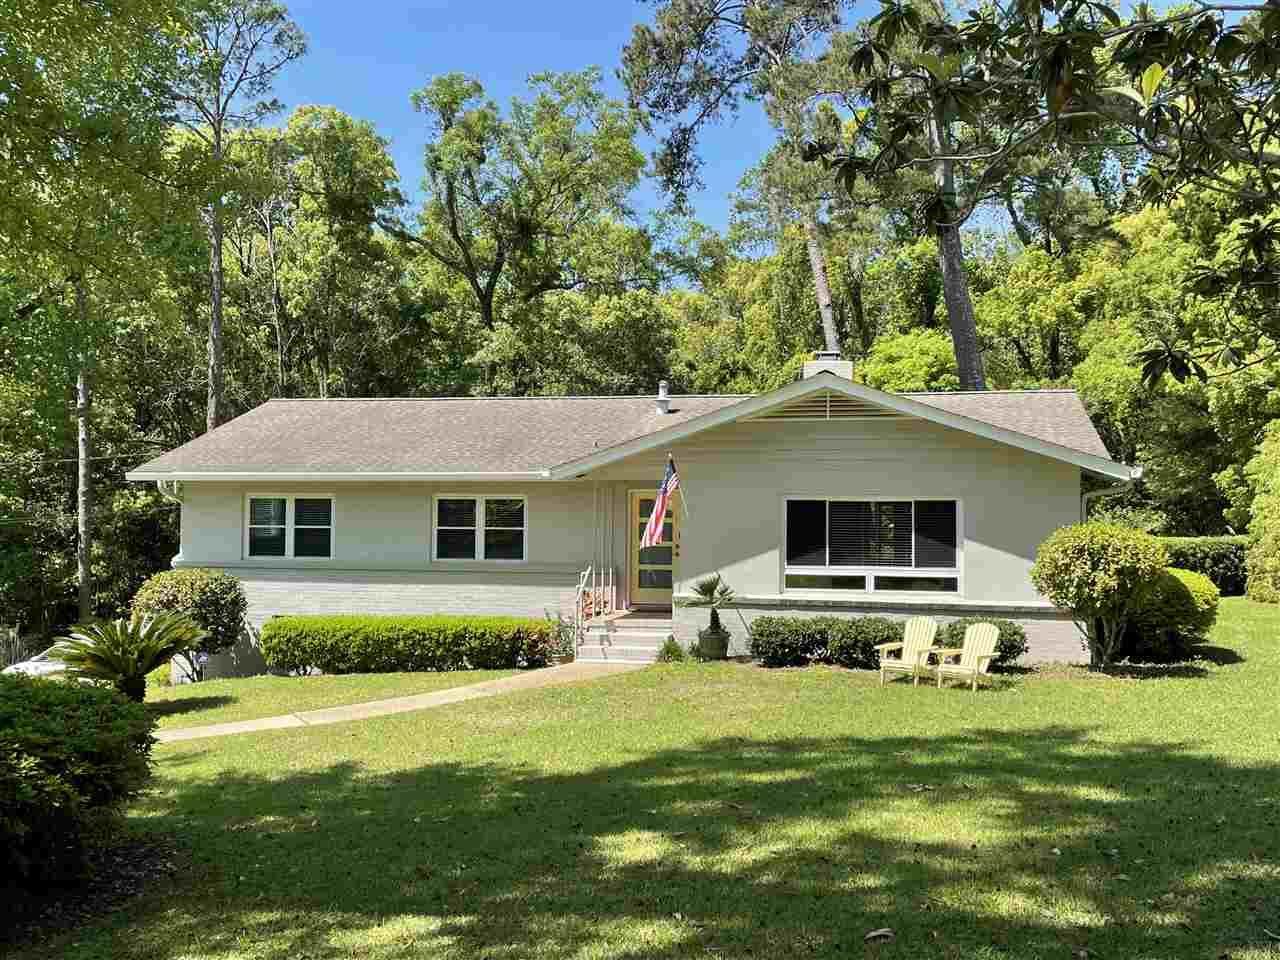 Photo of 844 Brookwood Drive, TALLAHASSEE, FL 32308 (MLS # 330632)